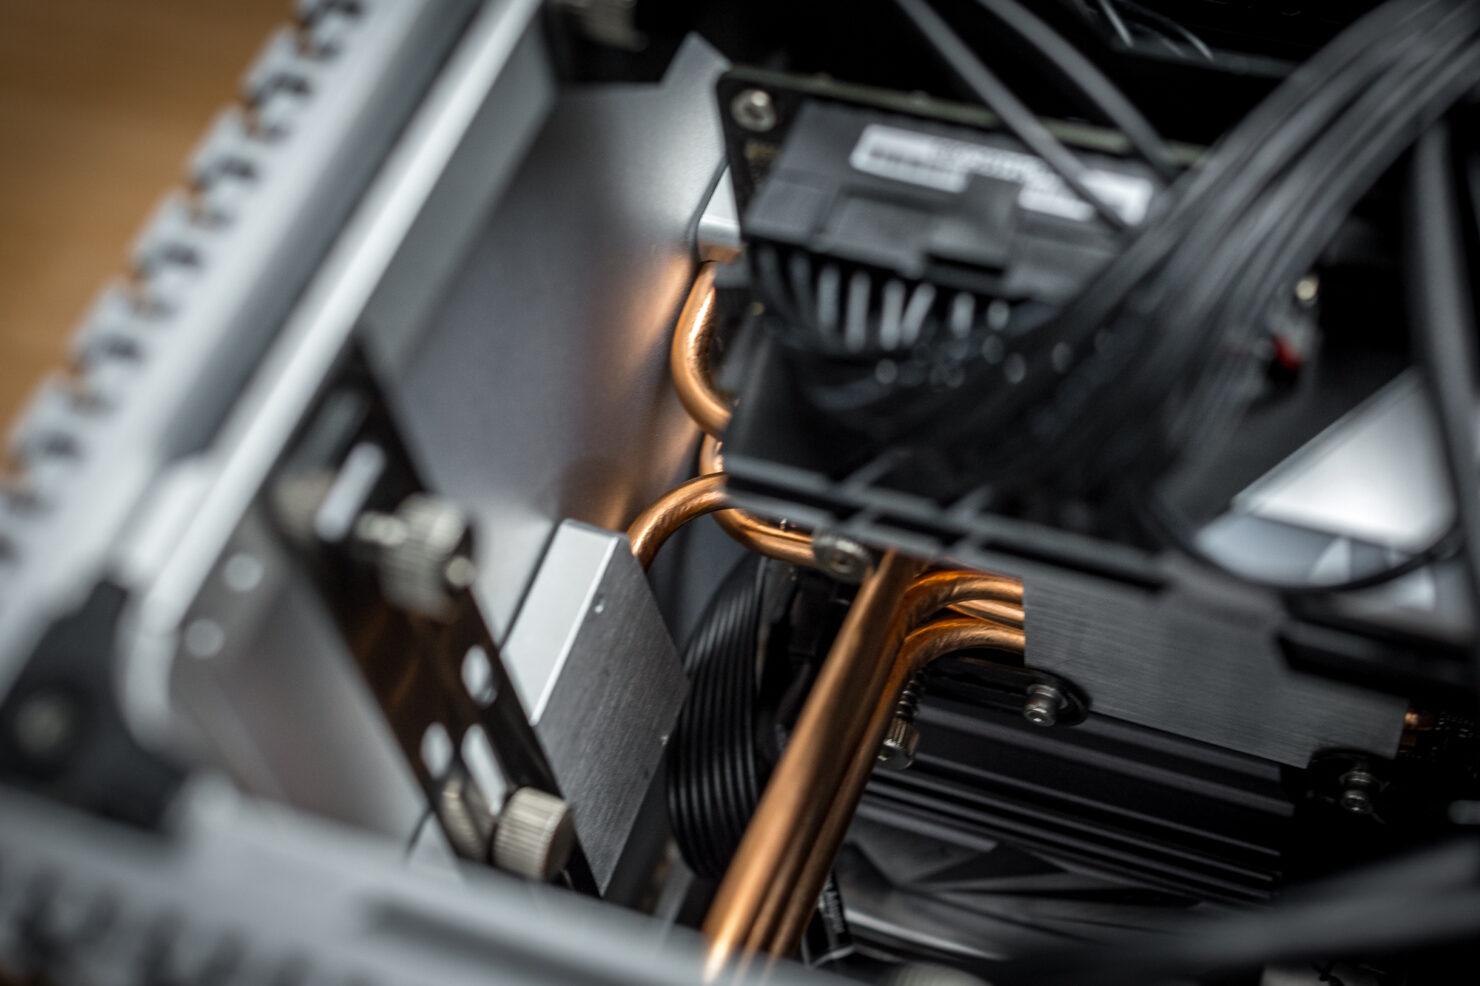 amd-ryzen-7-3700x-8-core-cpu-nvidia-geforce-gtx-1650-passive-cooled-pc_7